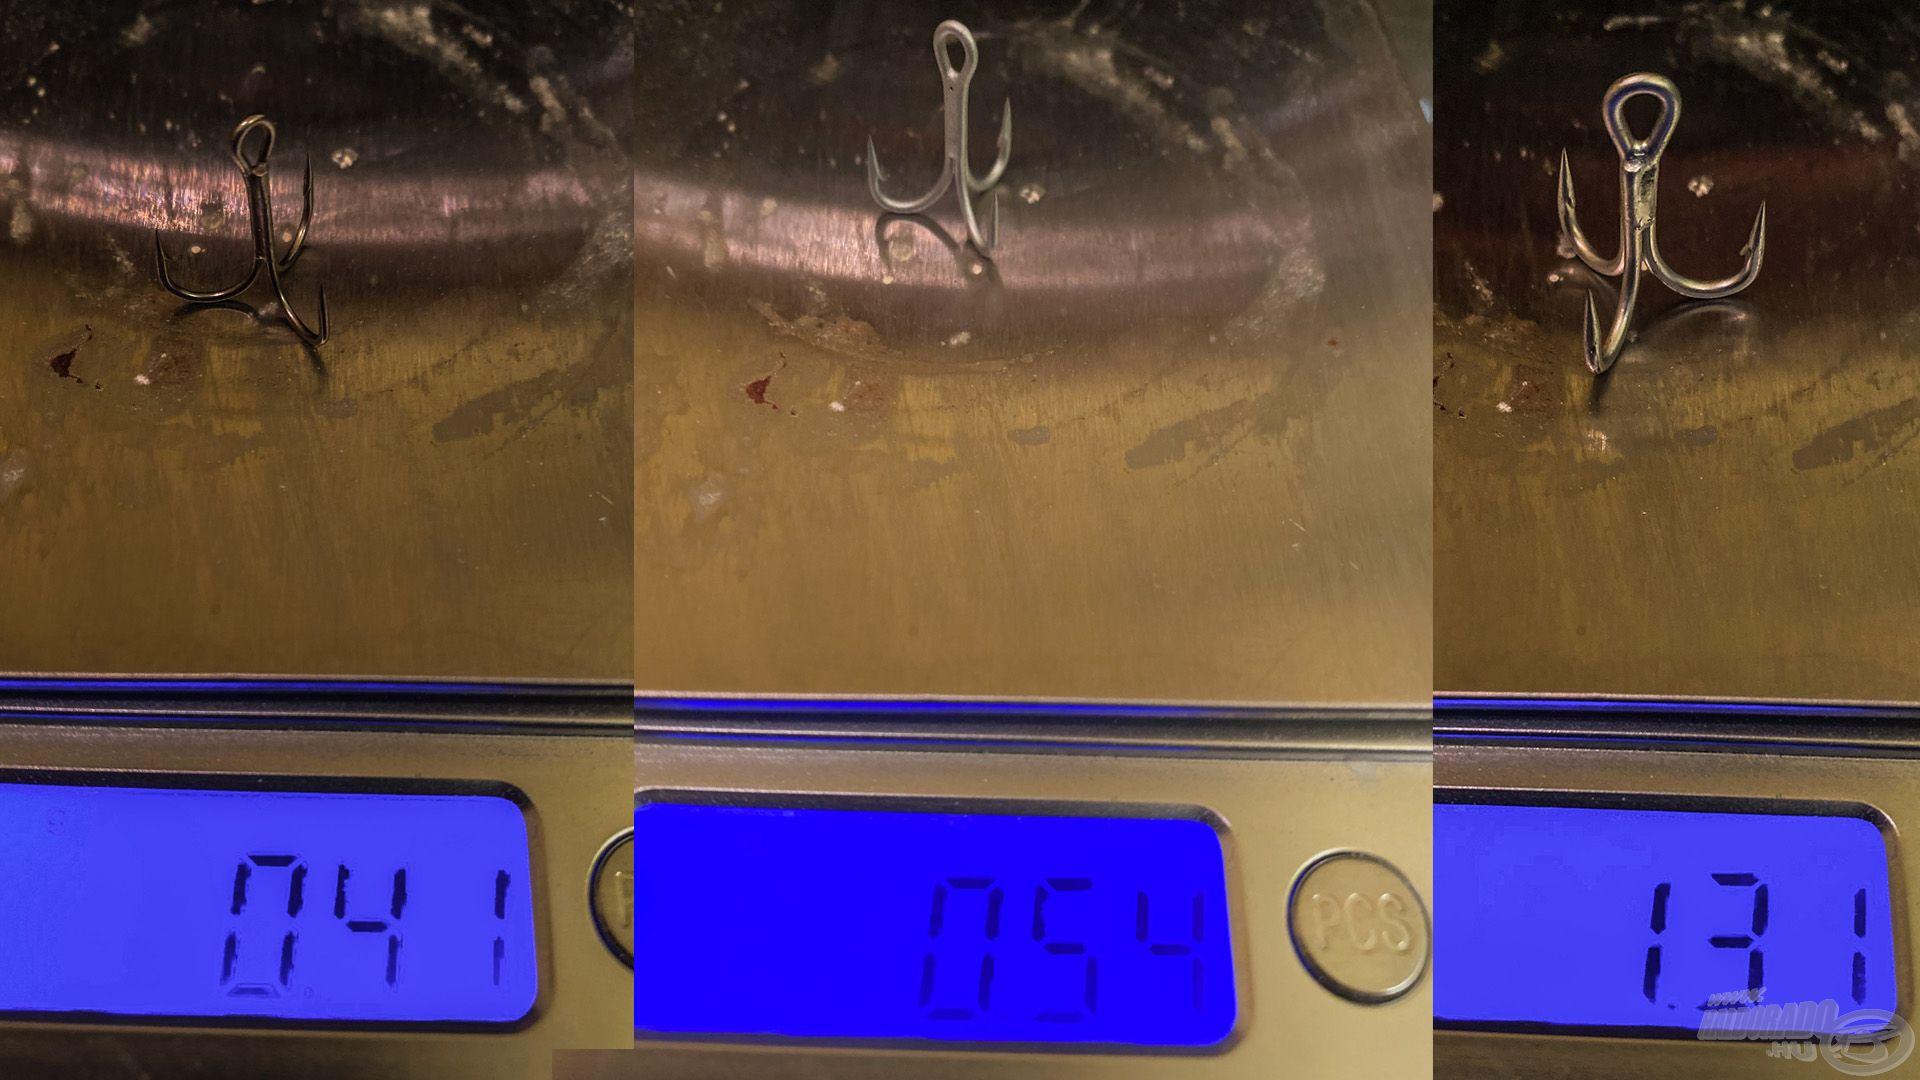 3 jó horog, amihez 3 eltérő súly párosul